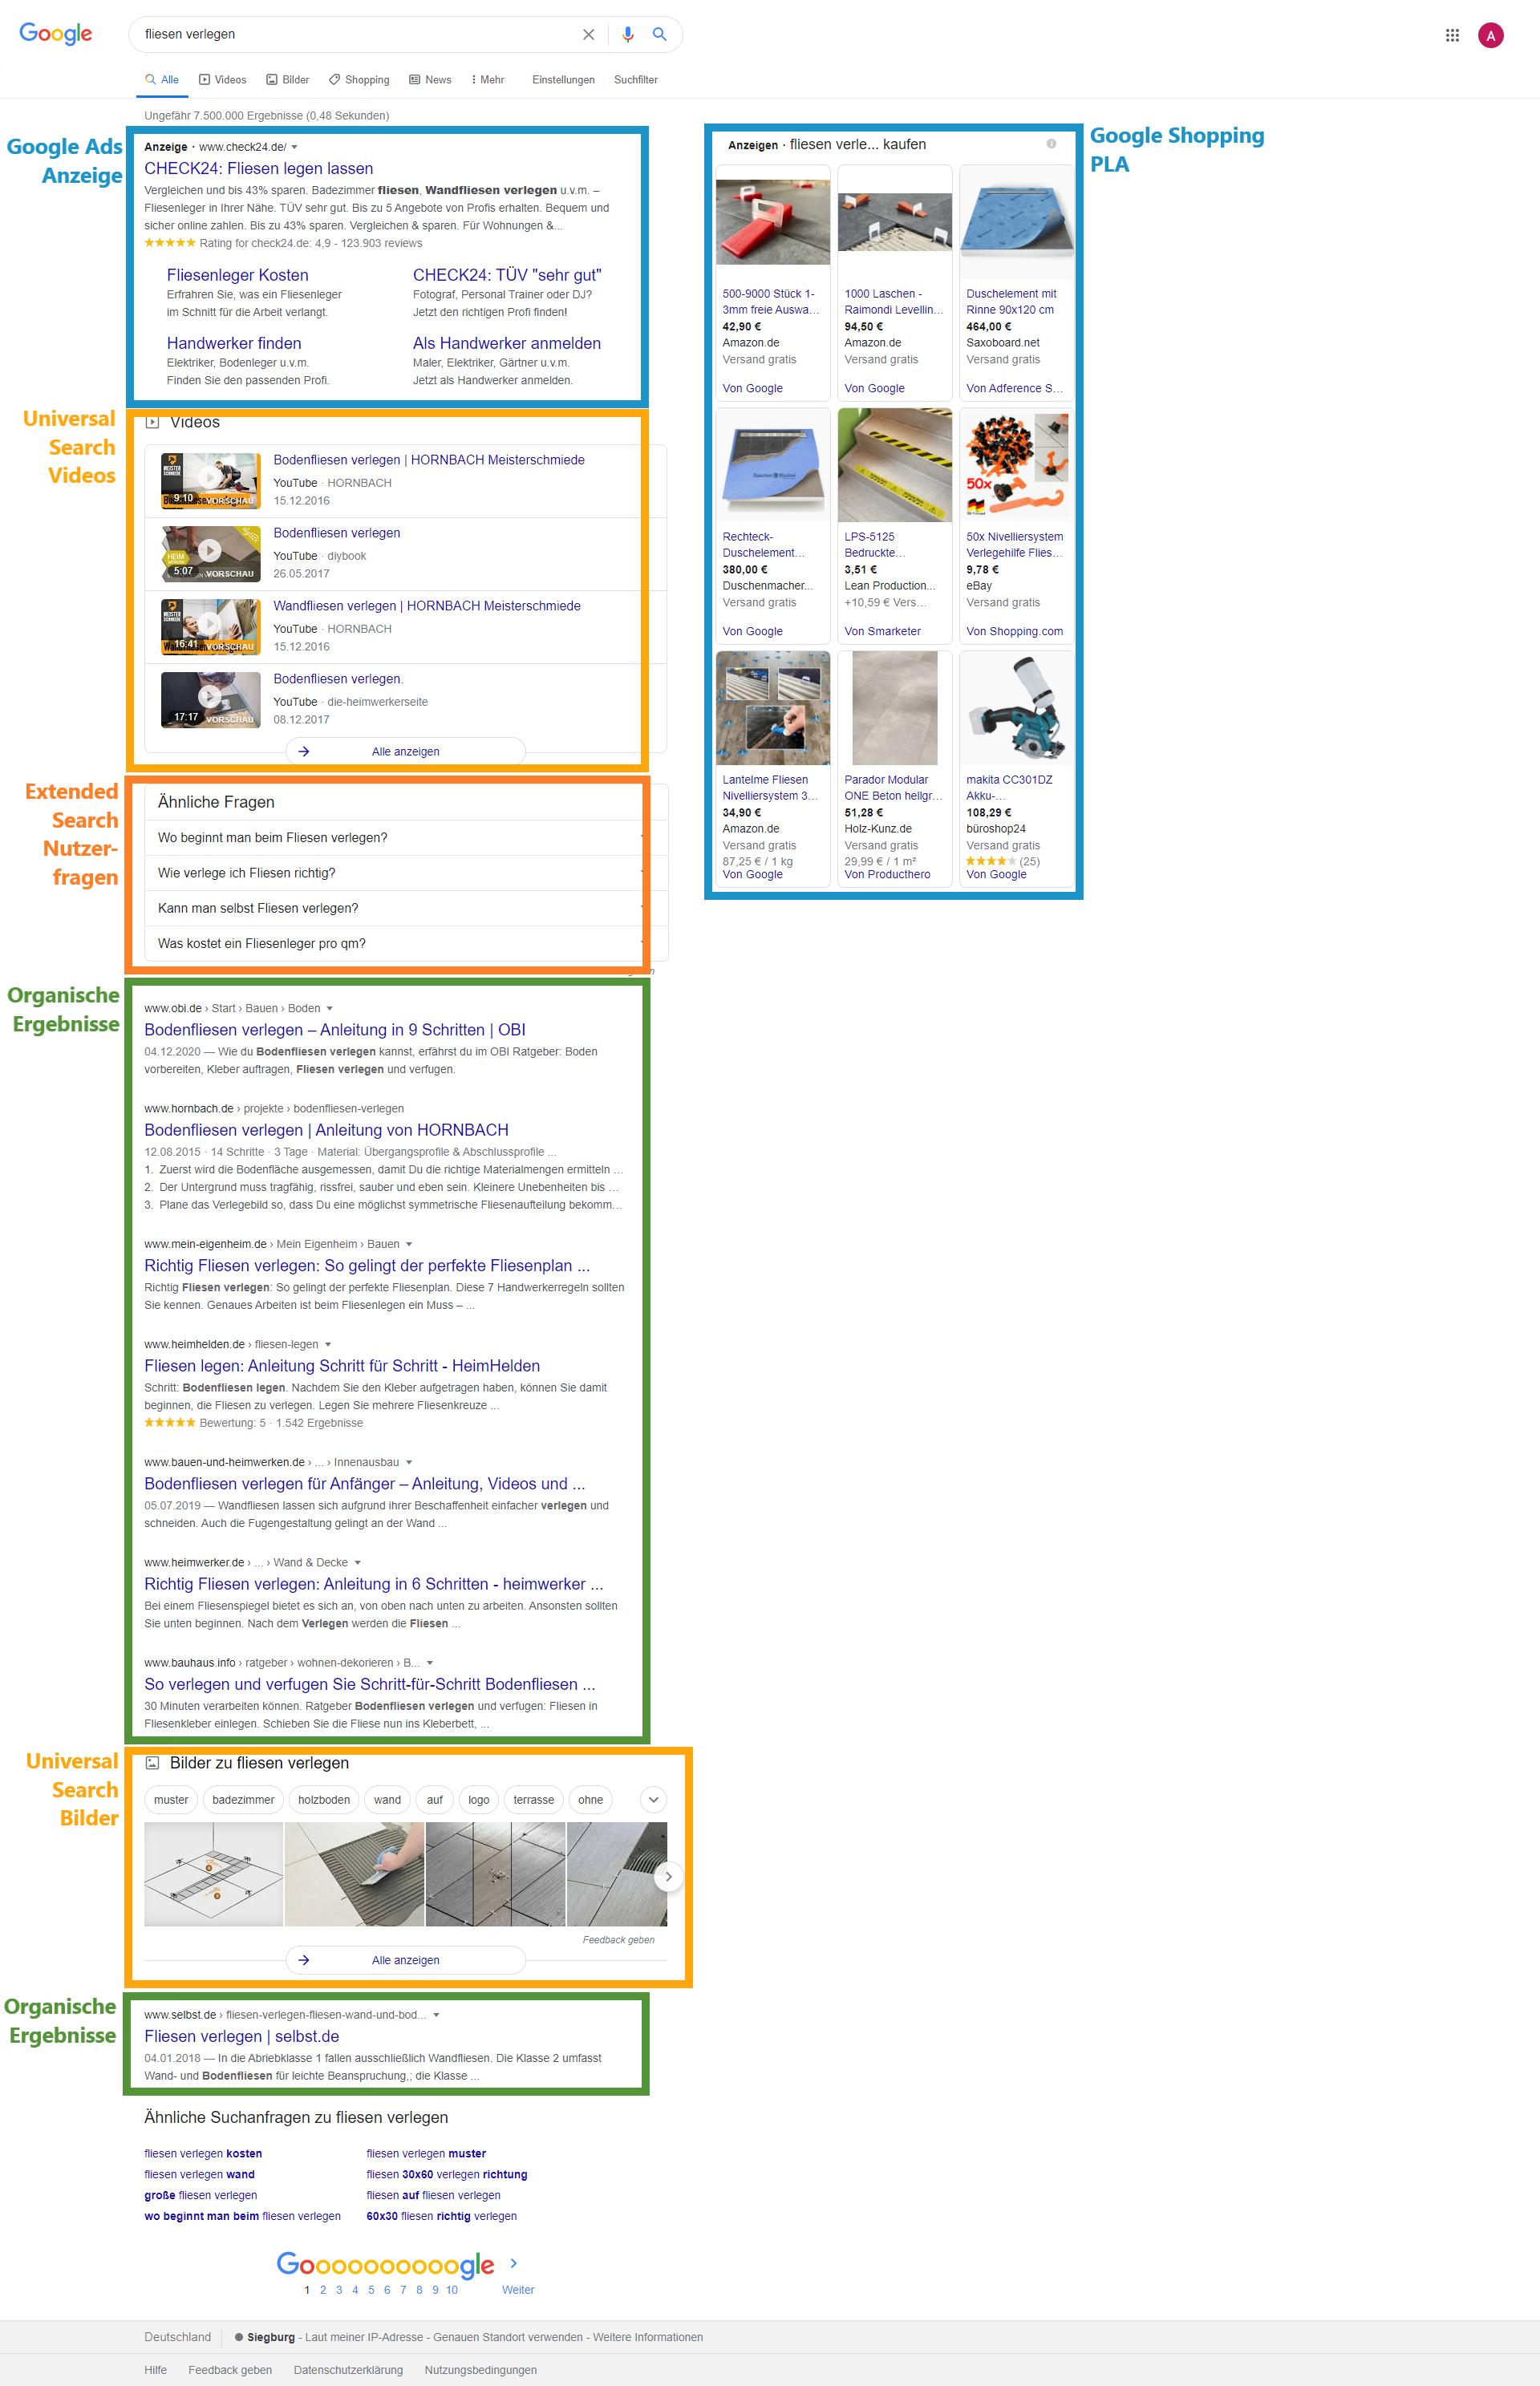 Screenshot der SERPs mit Klassifizierung der Suchergebnisse